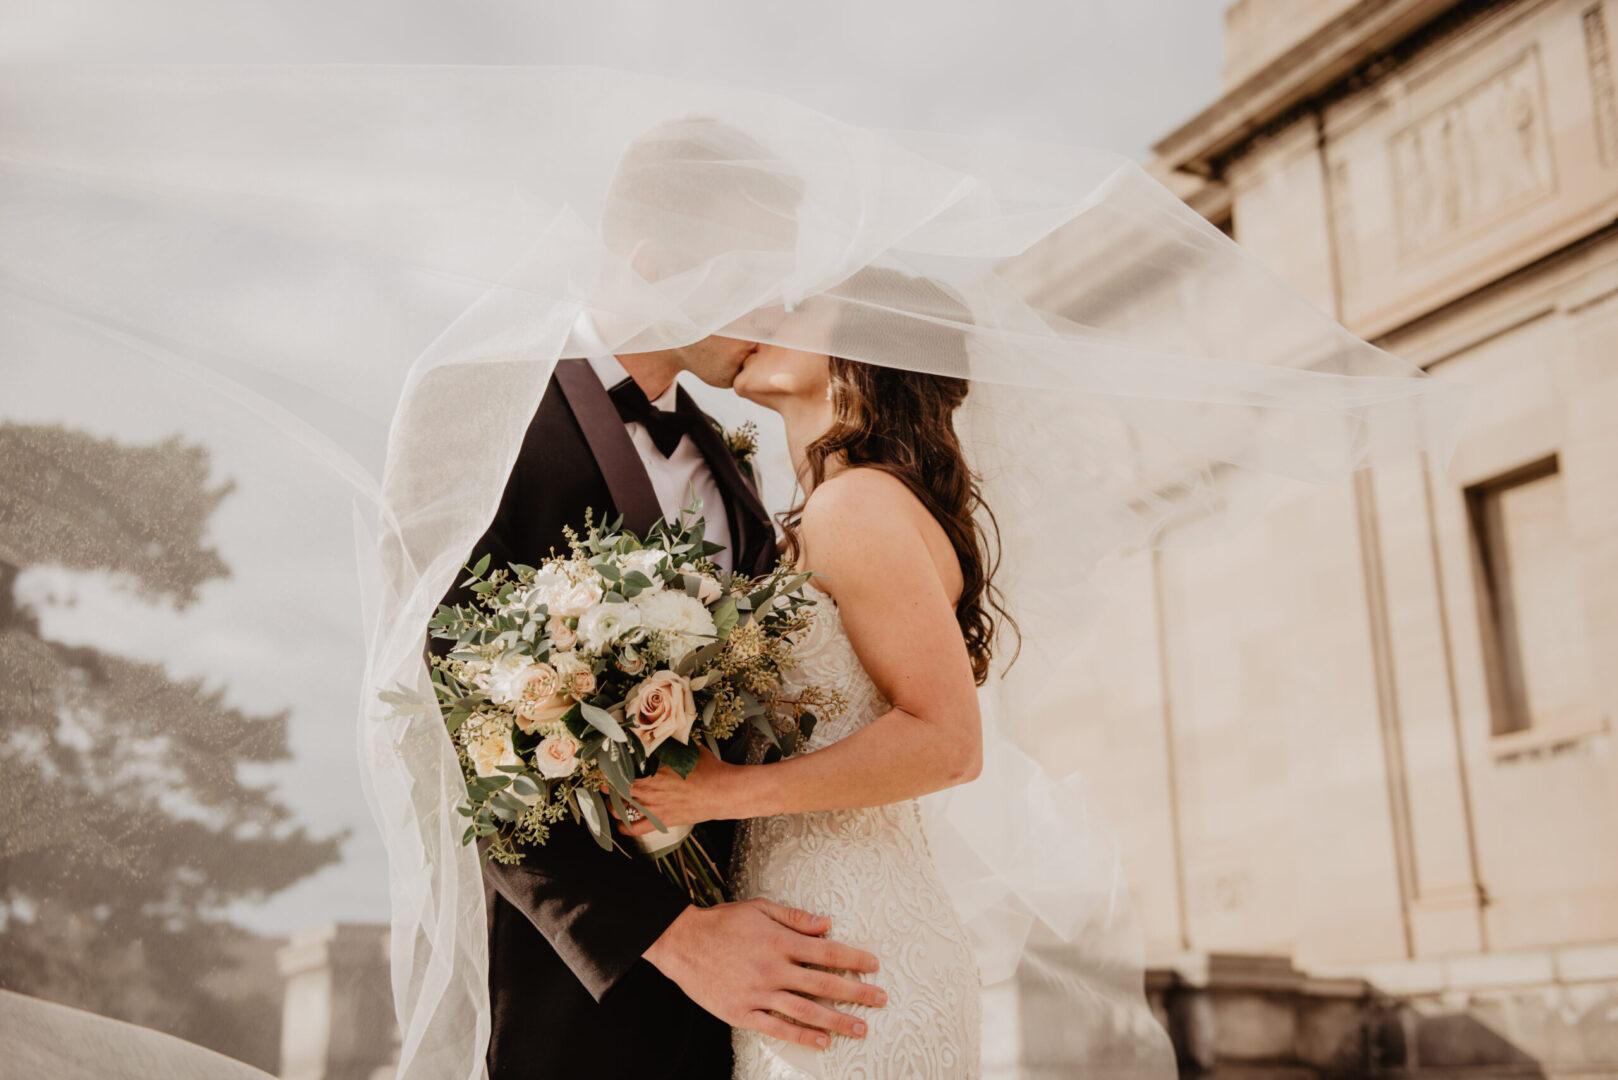 ΑΣΤΡΟΛΟΓΙΑ ΜΕ ΑΠΛΕΣ ΠΡΑΞΕΙΣ –  Κλασικές ενδείξεις γάμου σε γενέθλιο θέμα